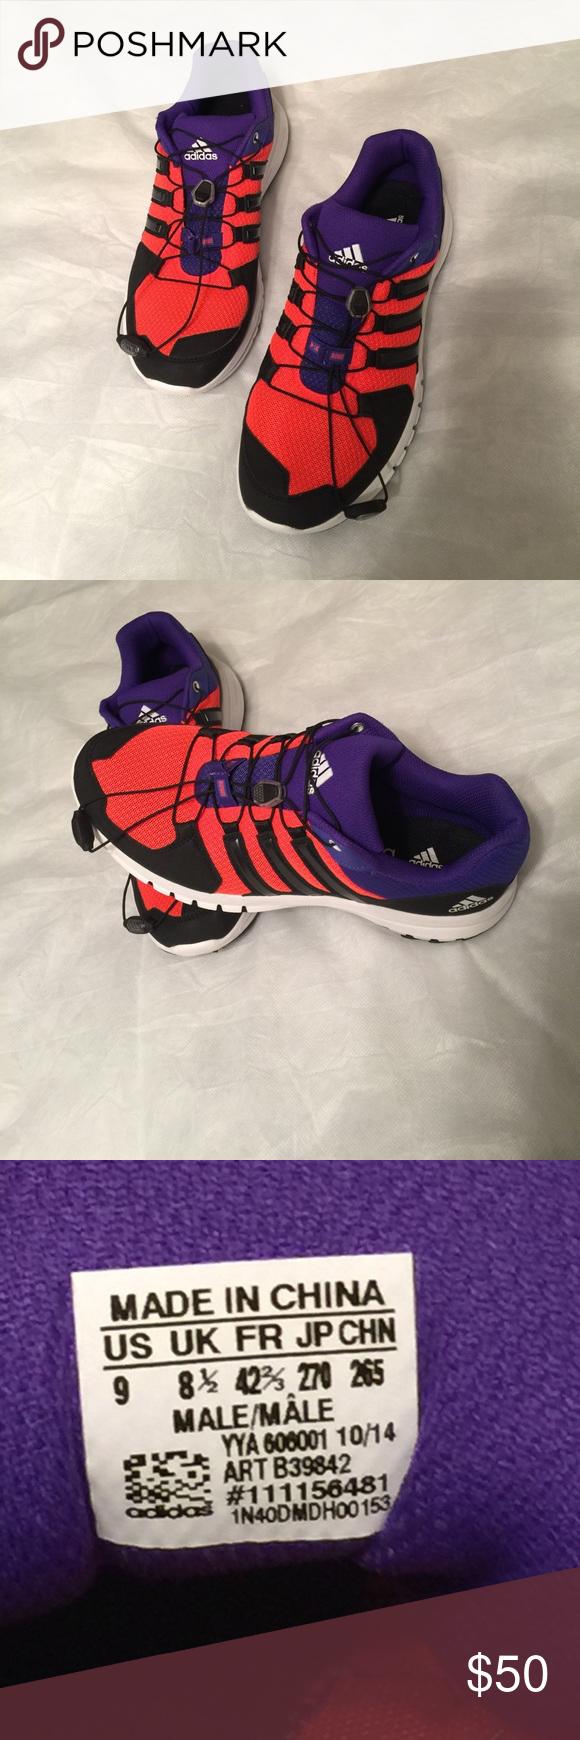 uomini le adidas le adidas, scarpe da corsa e scarpe da ginnastica